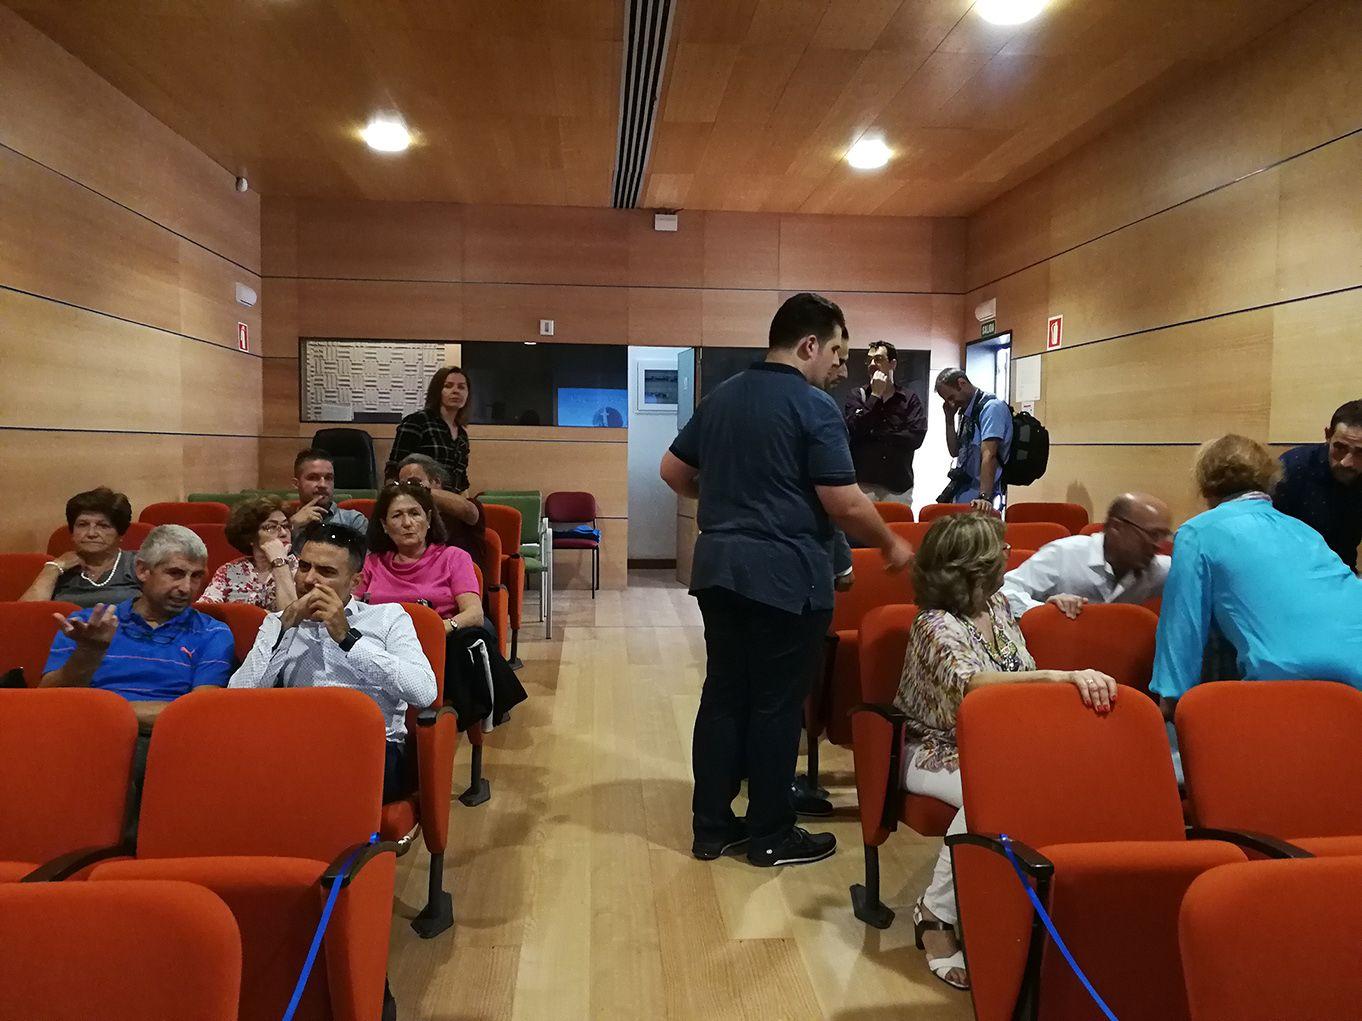 Los asistentes van entrando en la sala antes de que comience el acto